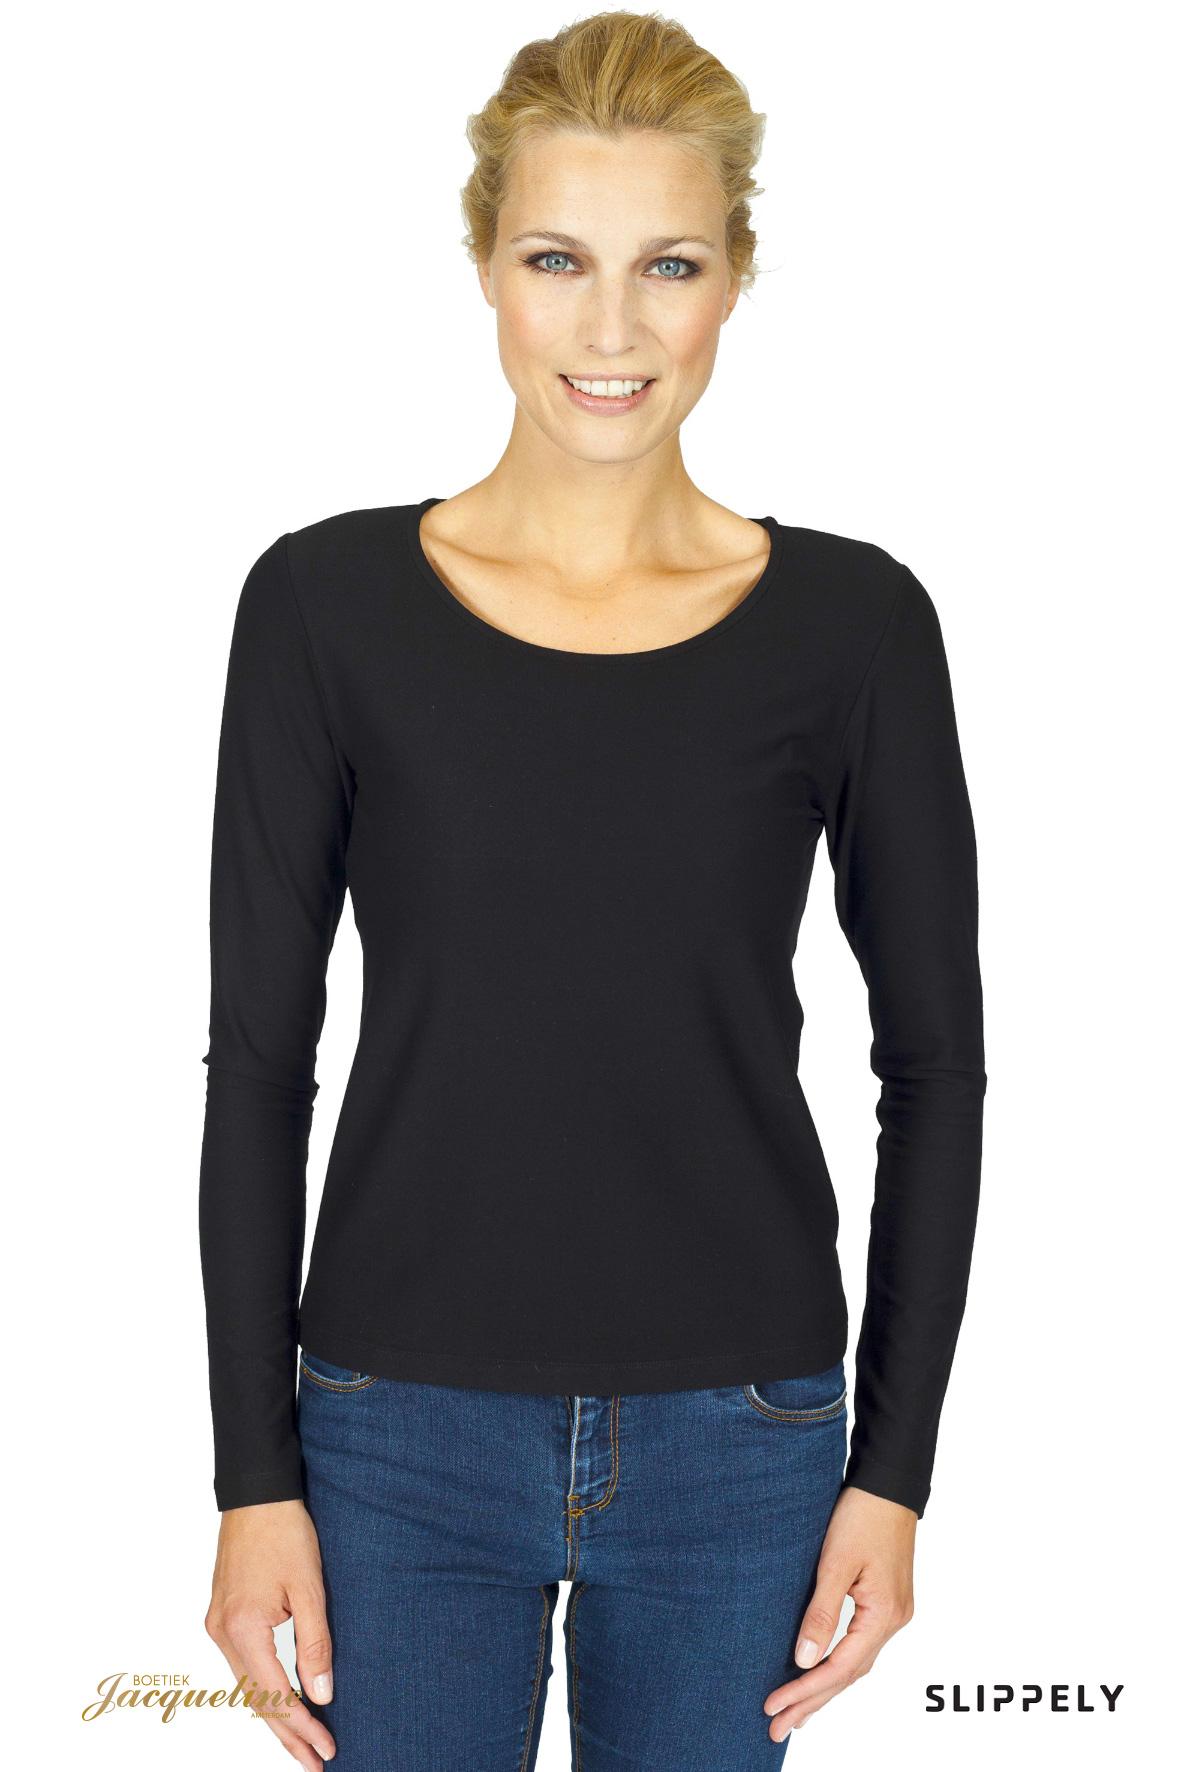 Slippely Shirt Long sleeve - 17060 - Zwart - Boetiek Jacqueline Amsterdam